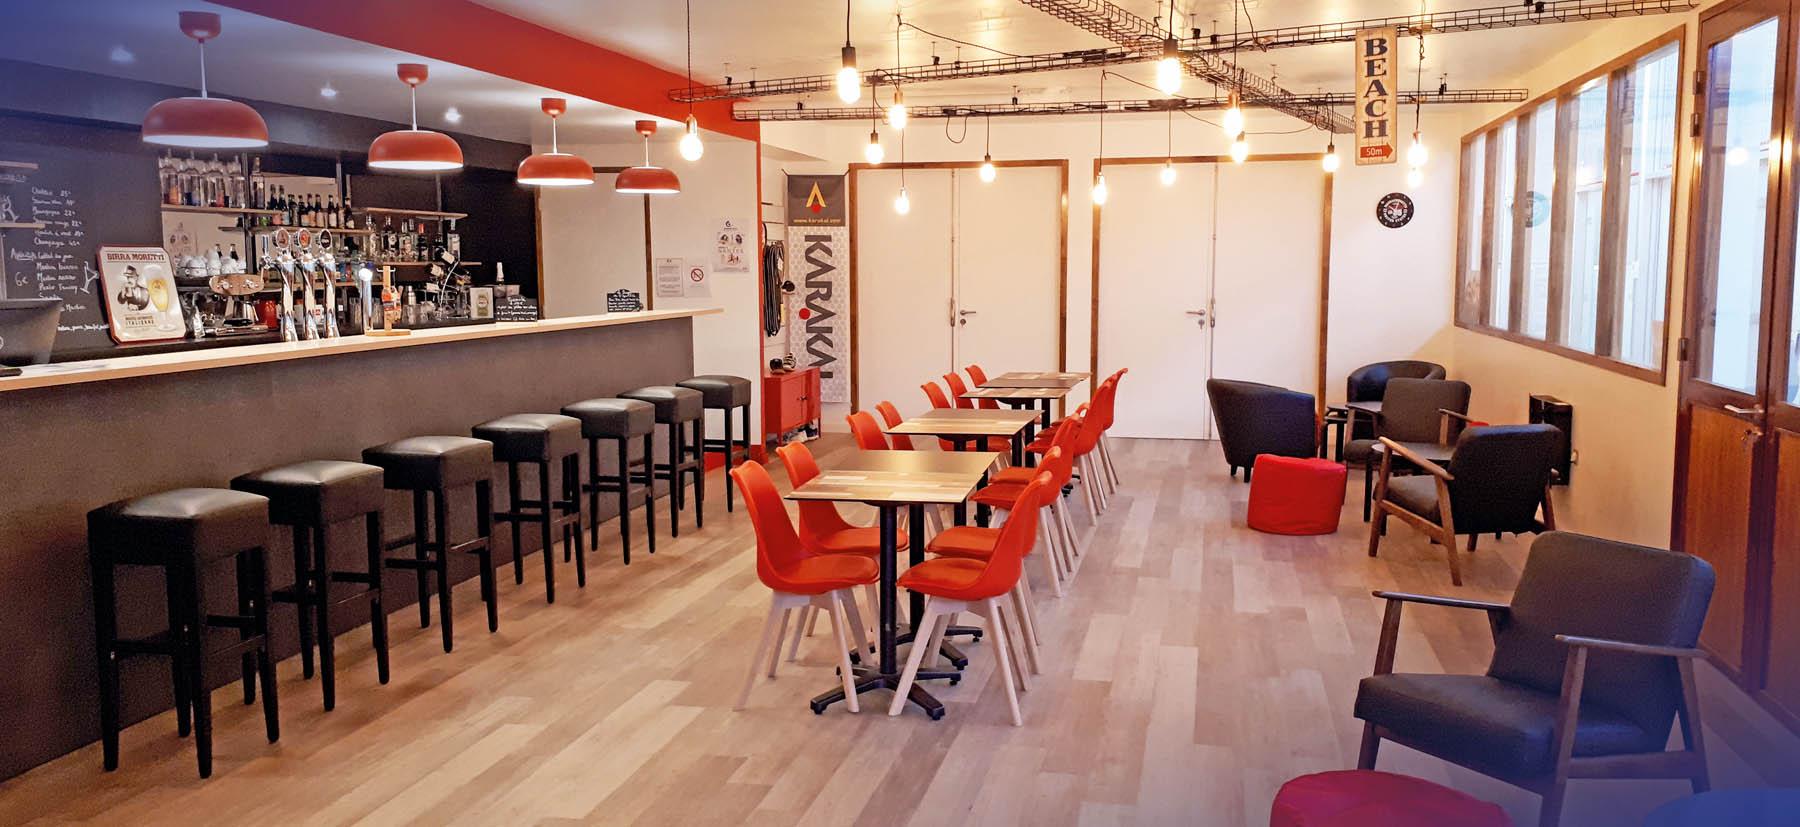 Club House cosy & chaleureux chez D'Sports & Co Nantes